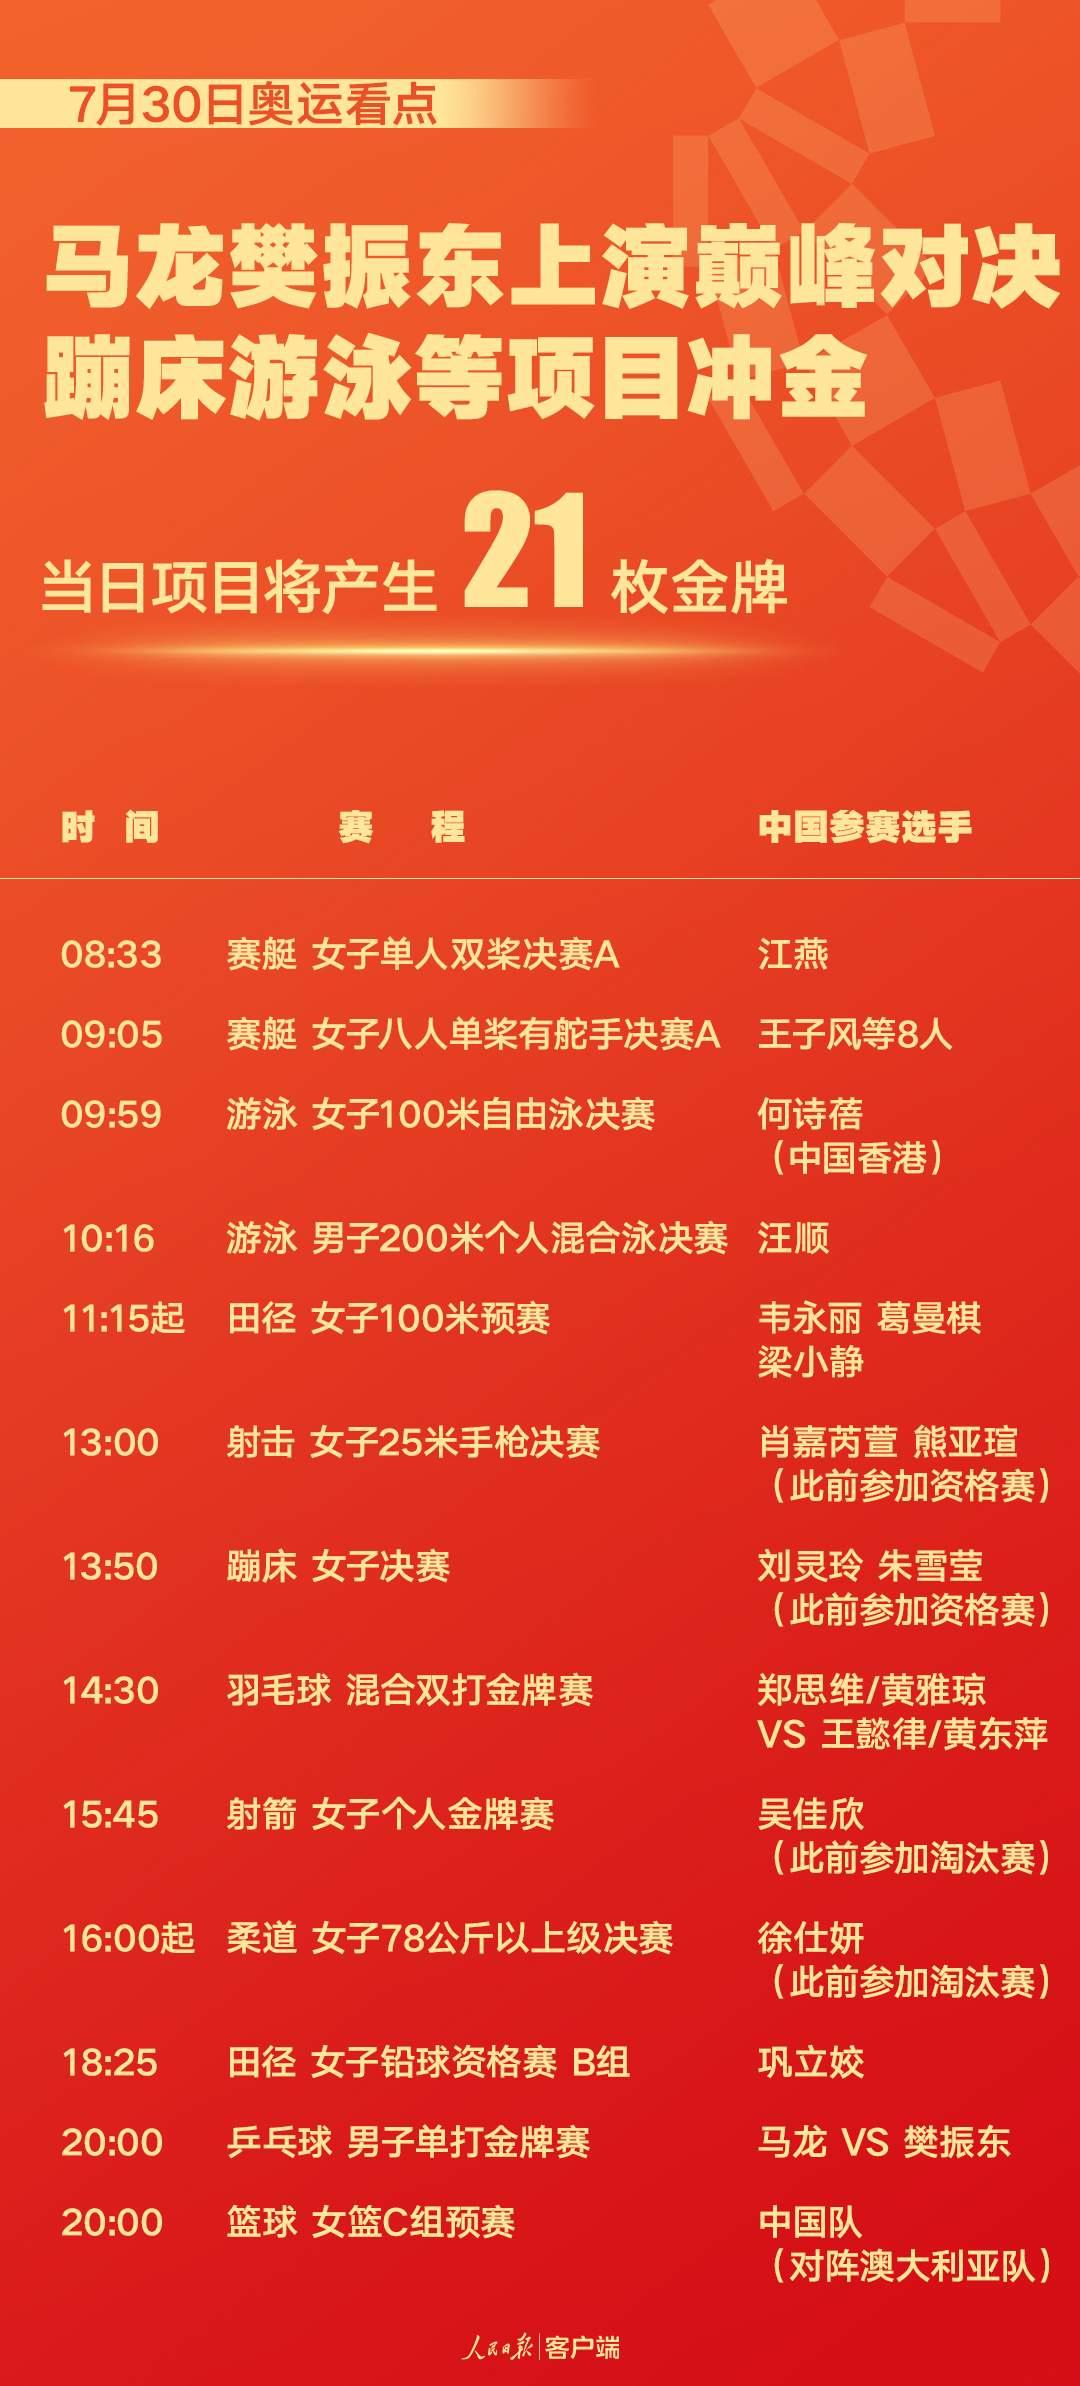 奥运今日看点:马龙樊振东上演巅峰对决 田径大项开启